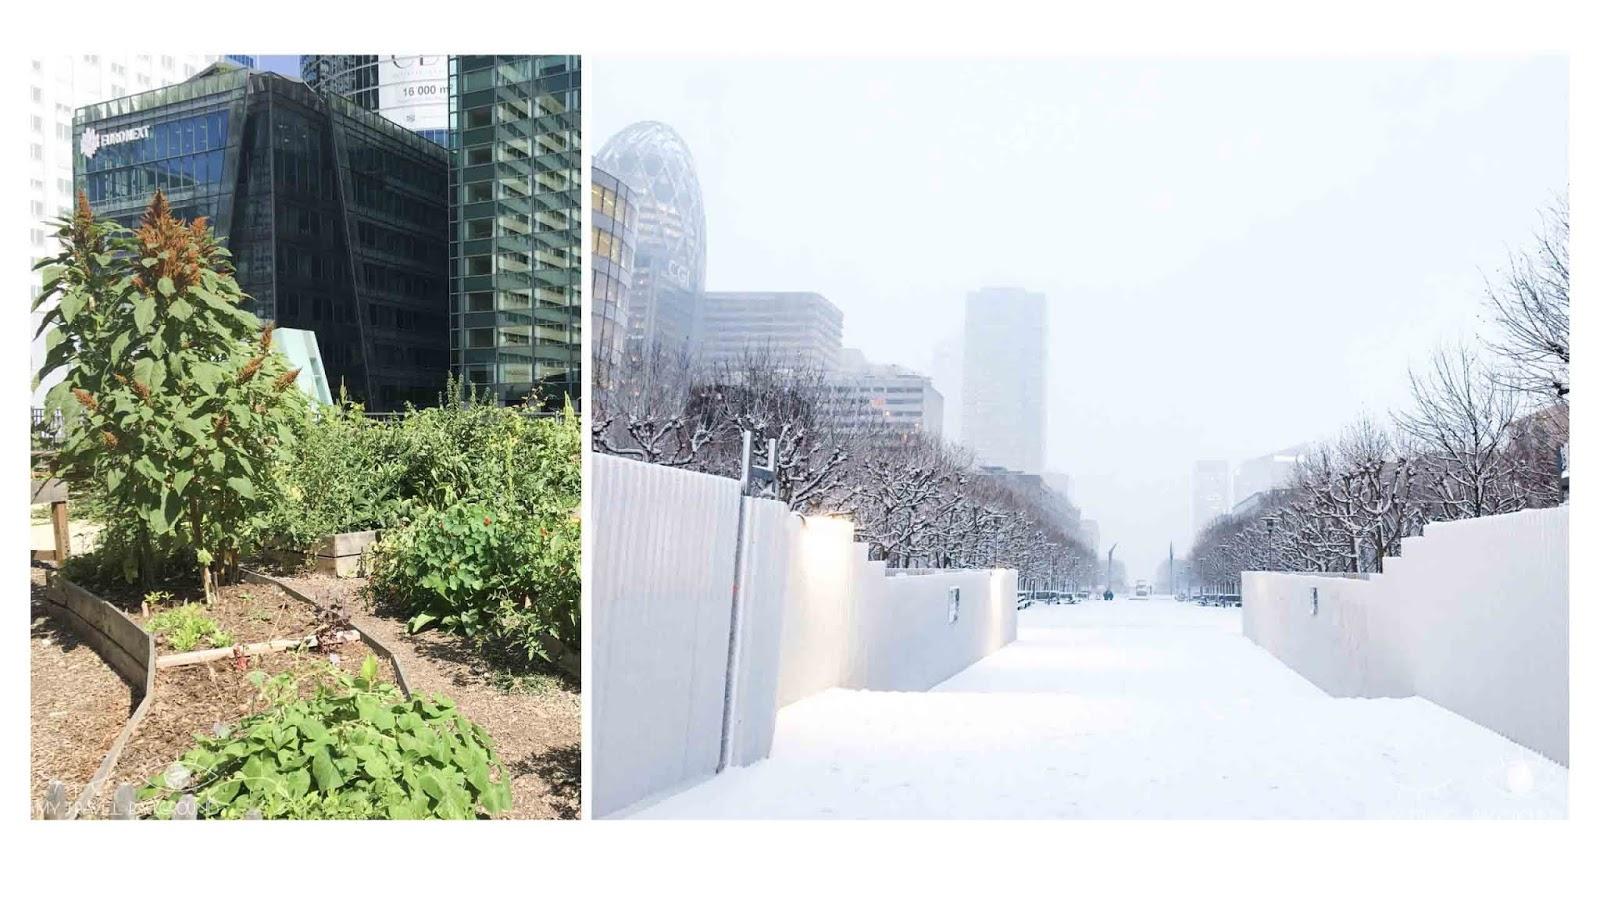 My Travel Background : Paris Promenade La Défense - Espace vert et La Défense sous la neige